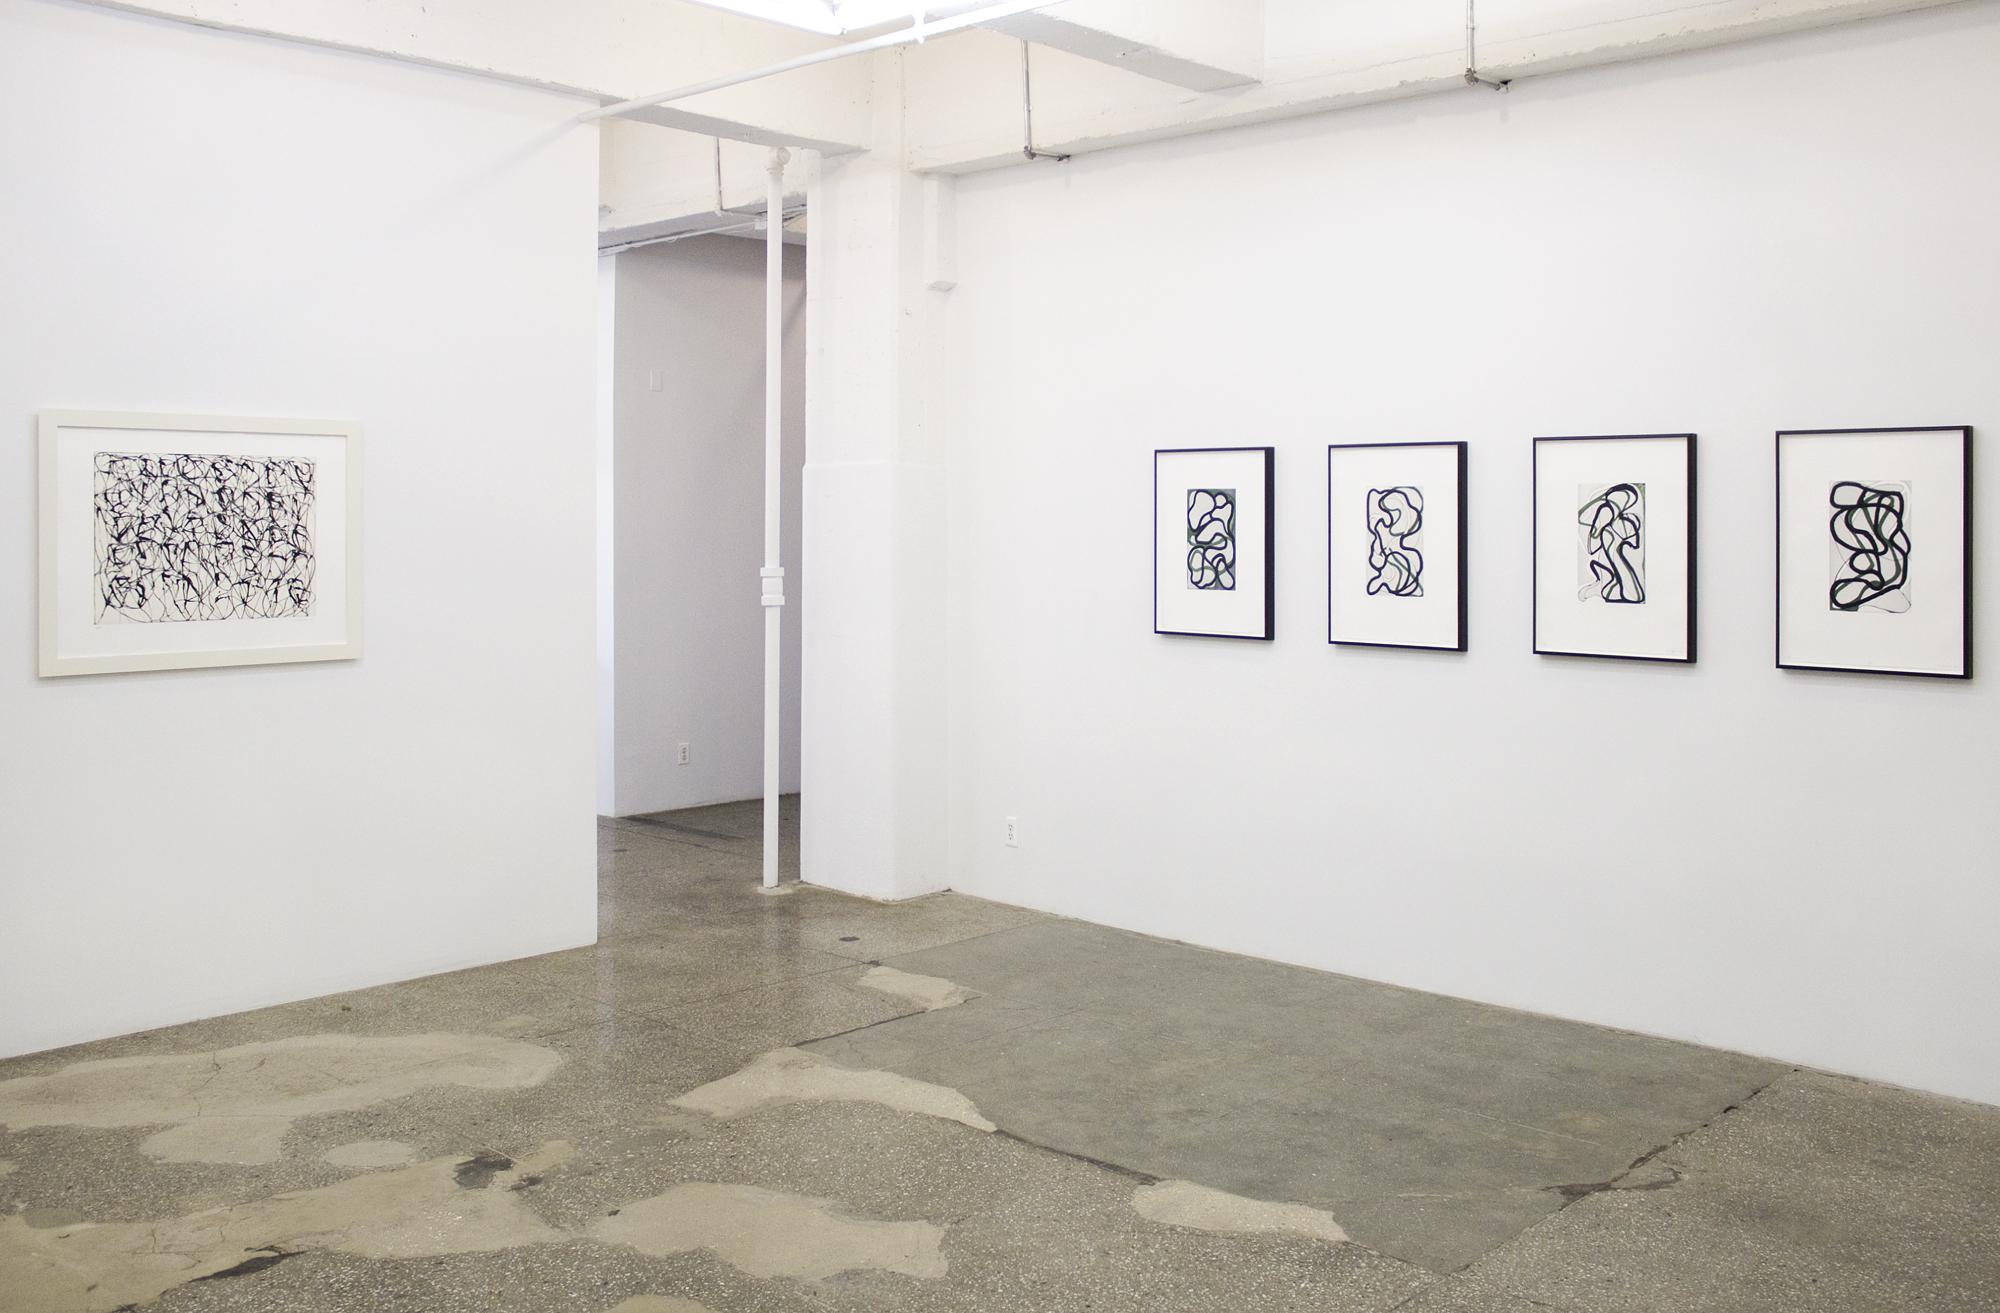 Installation View: Brice Marden: Prints